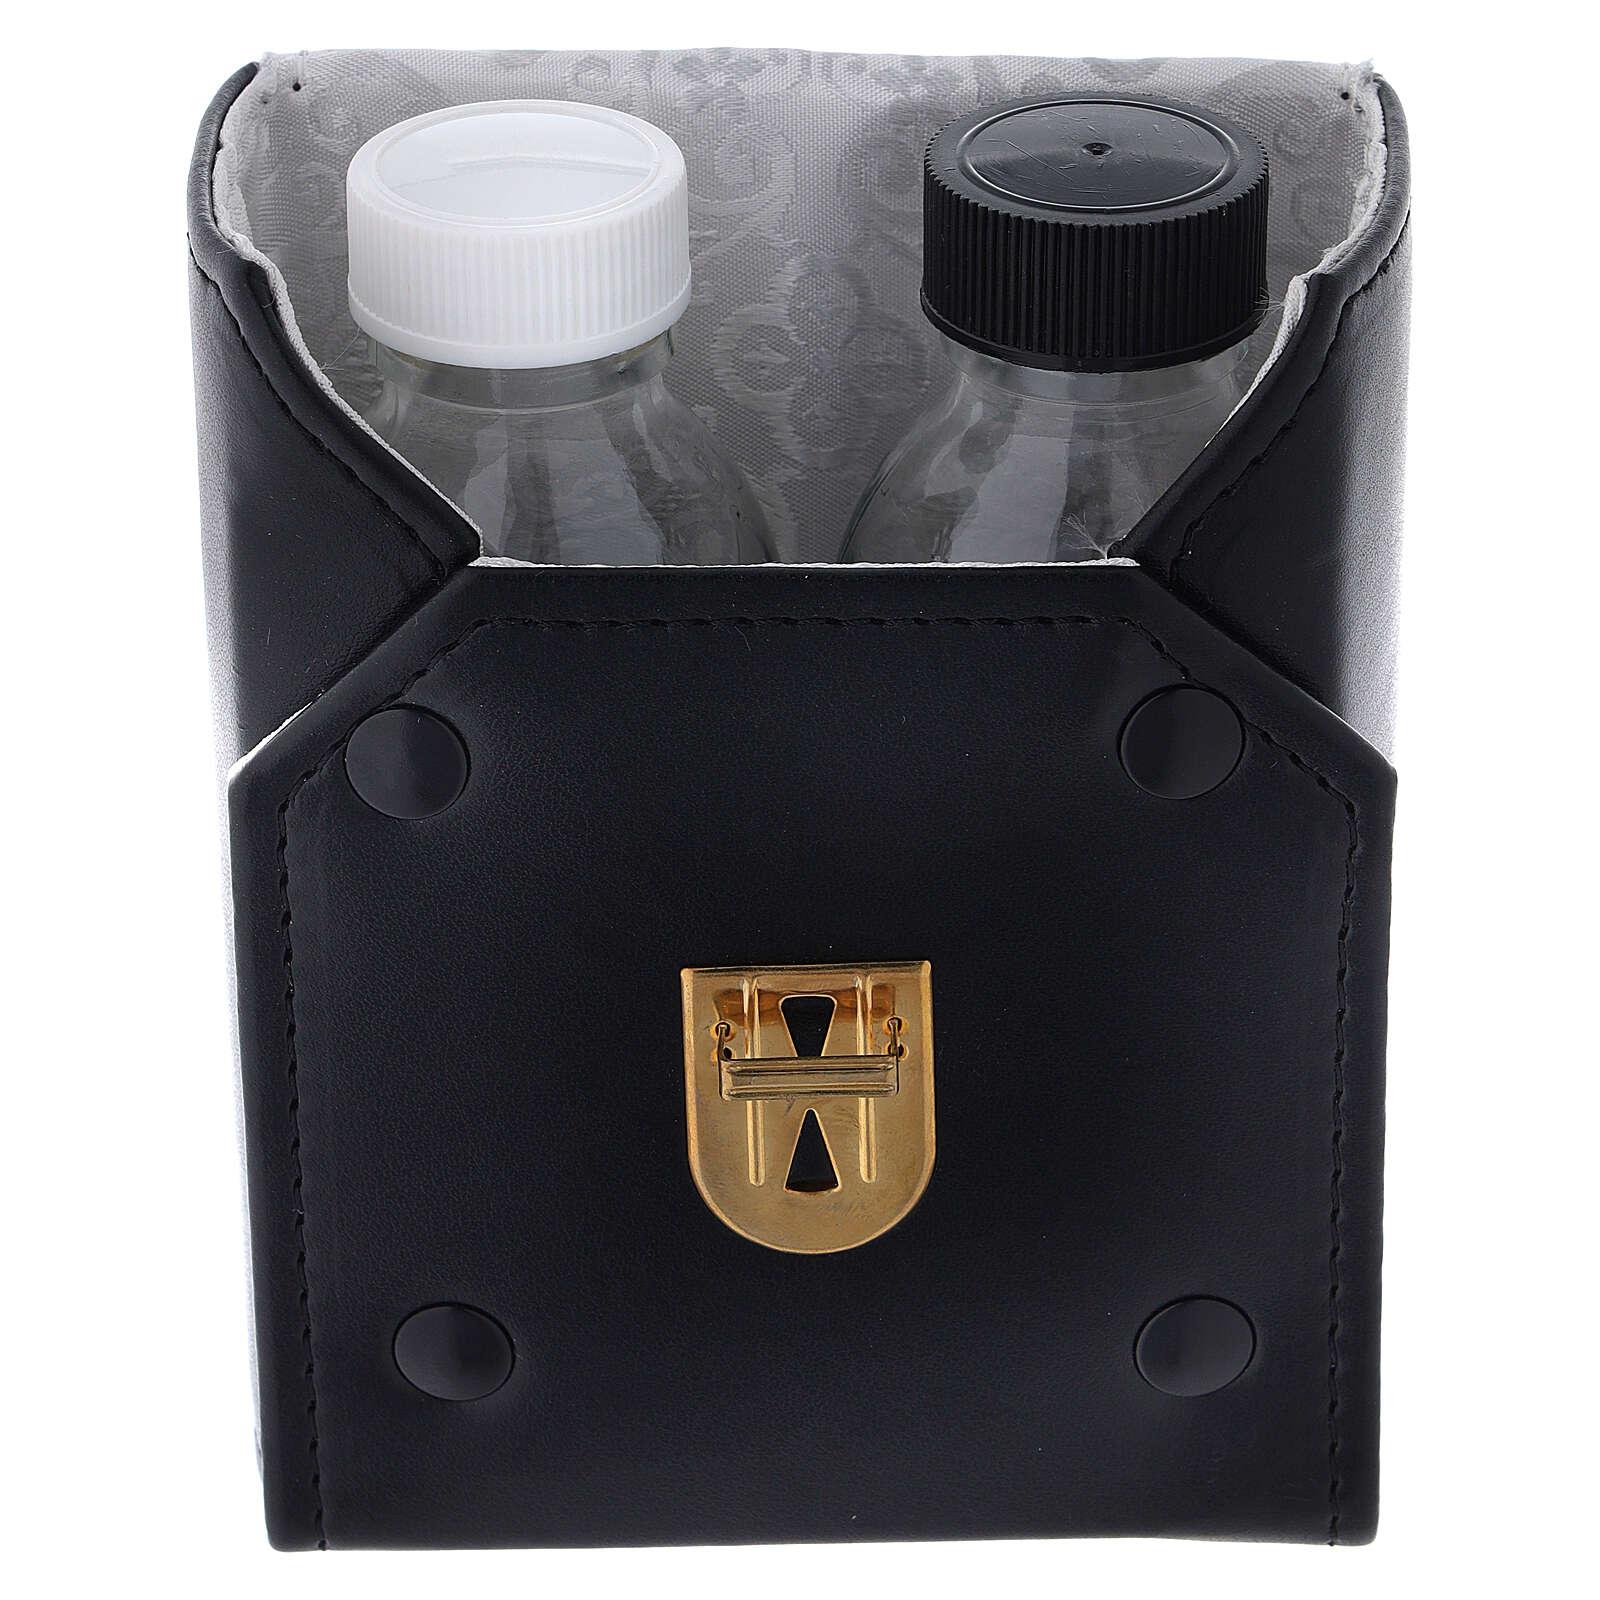 Botellas 125 ml de vidrio con estuche de cuero ecológico negro 4